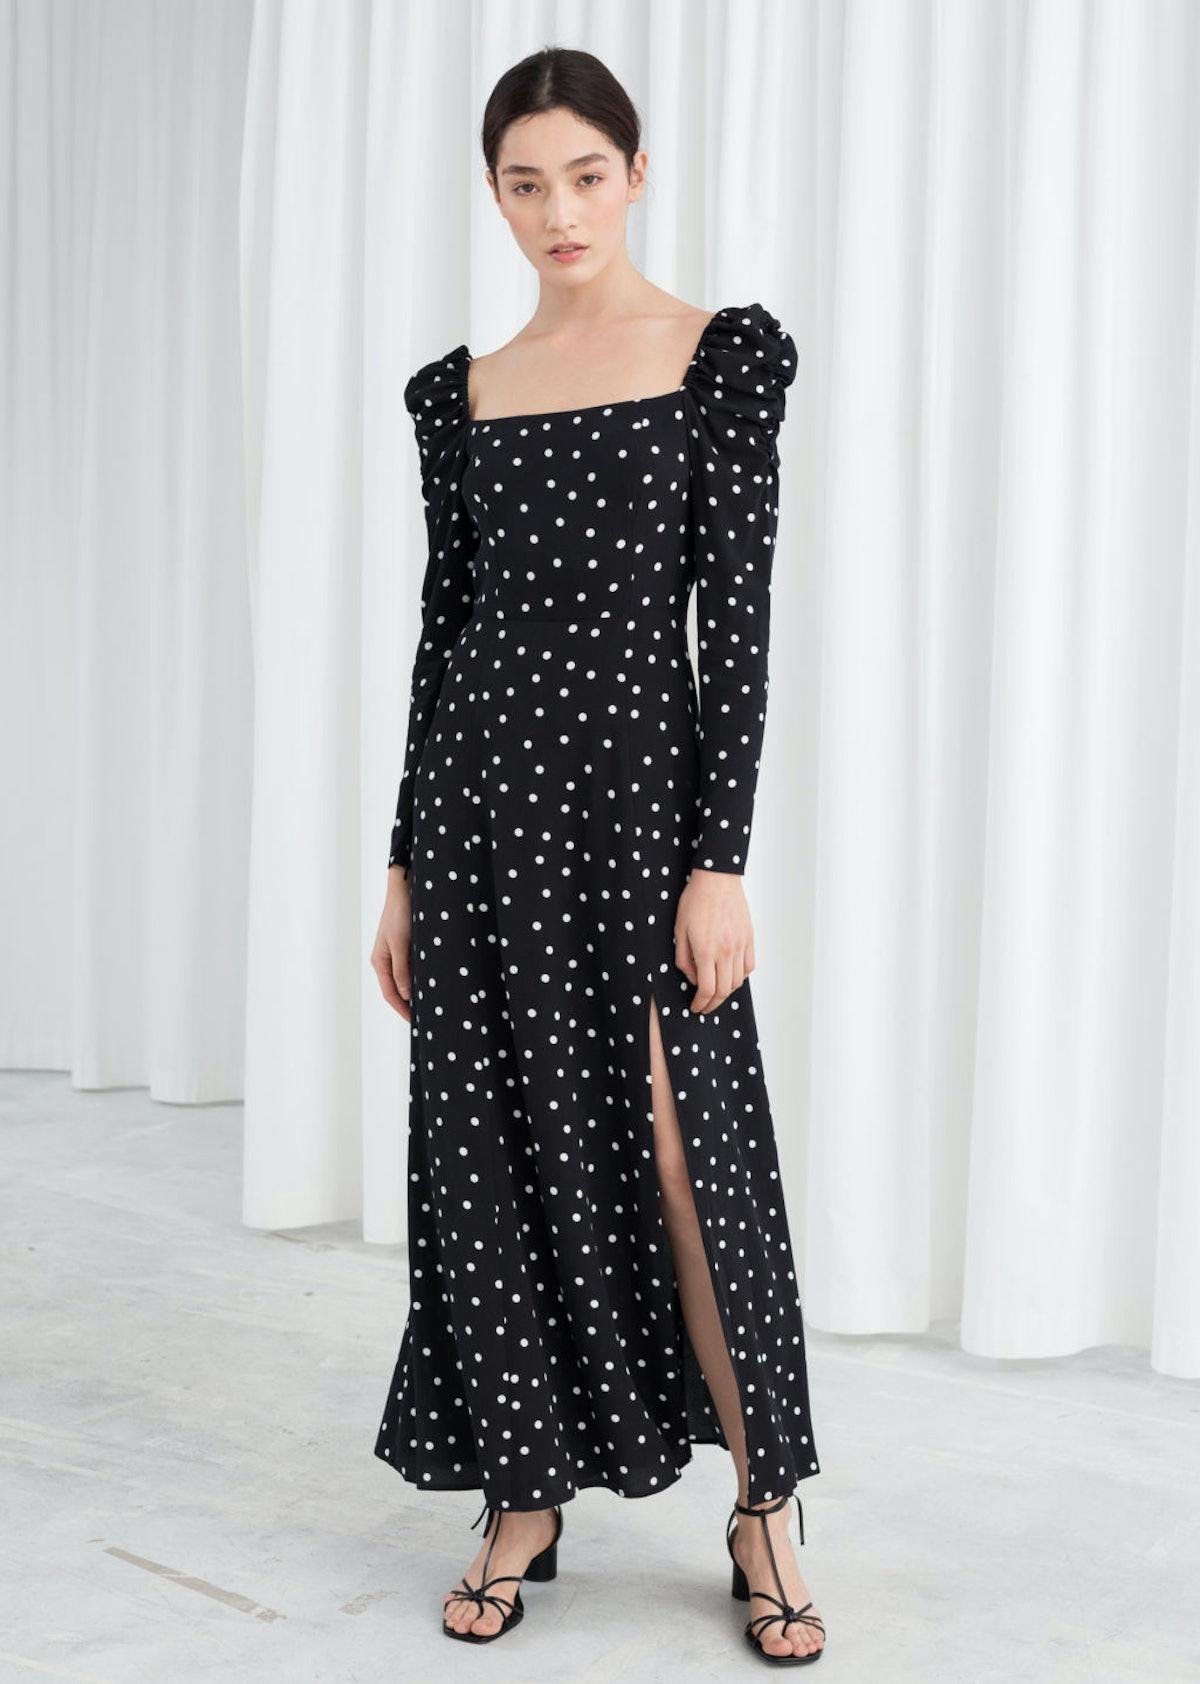 Ruched Polka Dot Maxi Dress